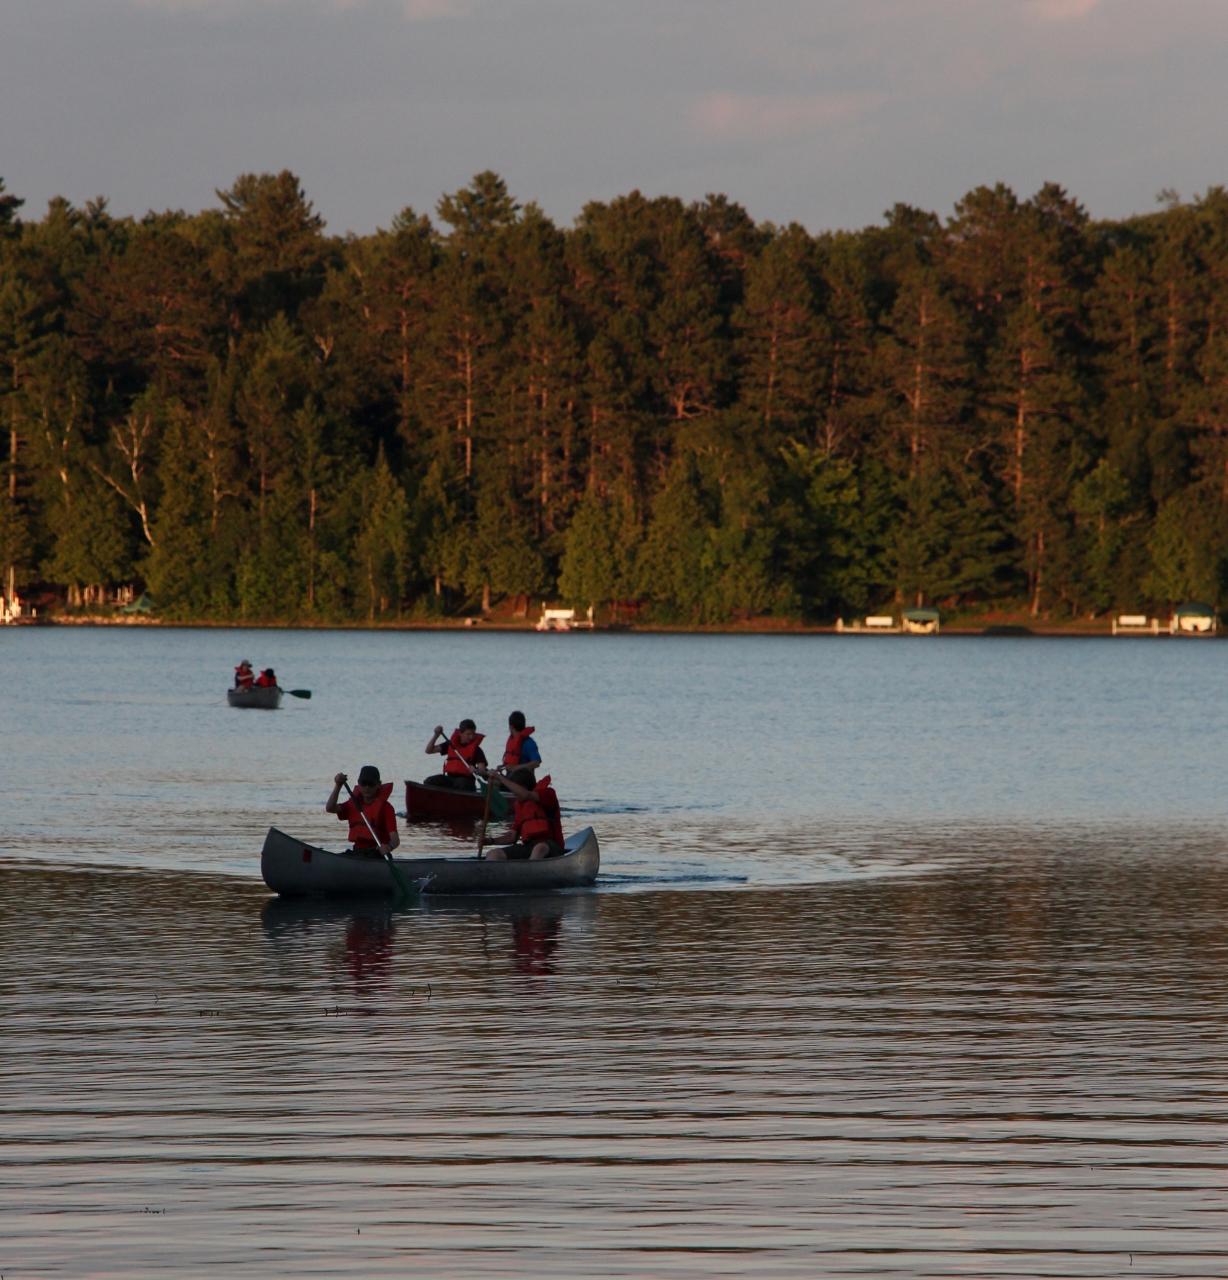 canoeing activity